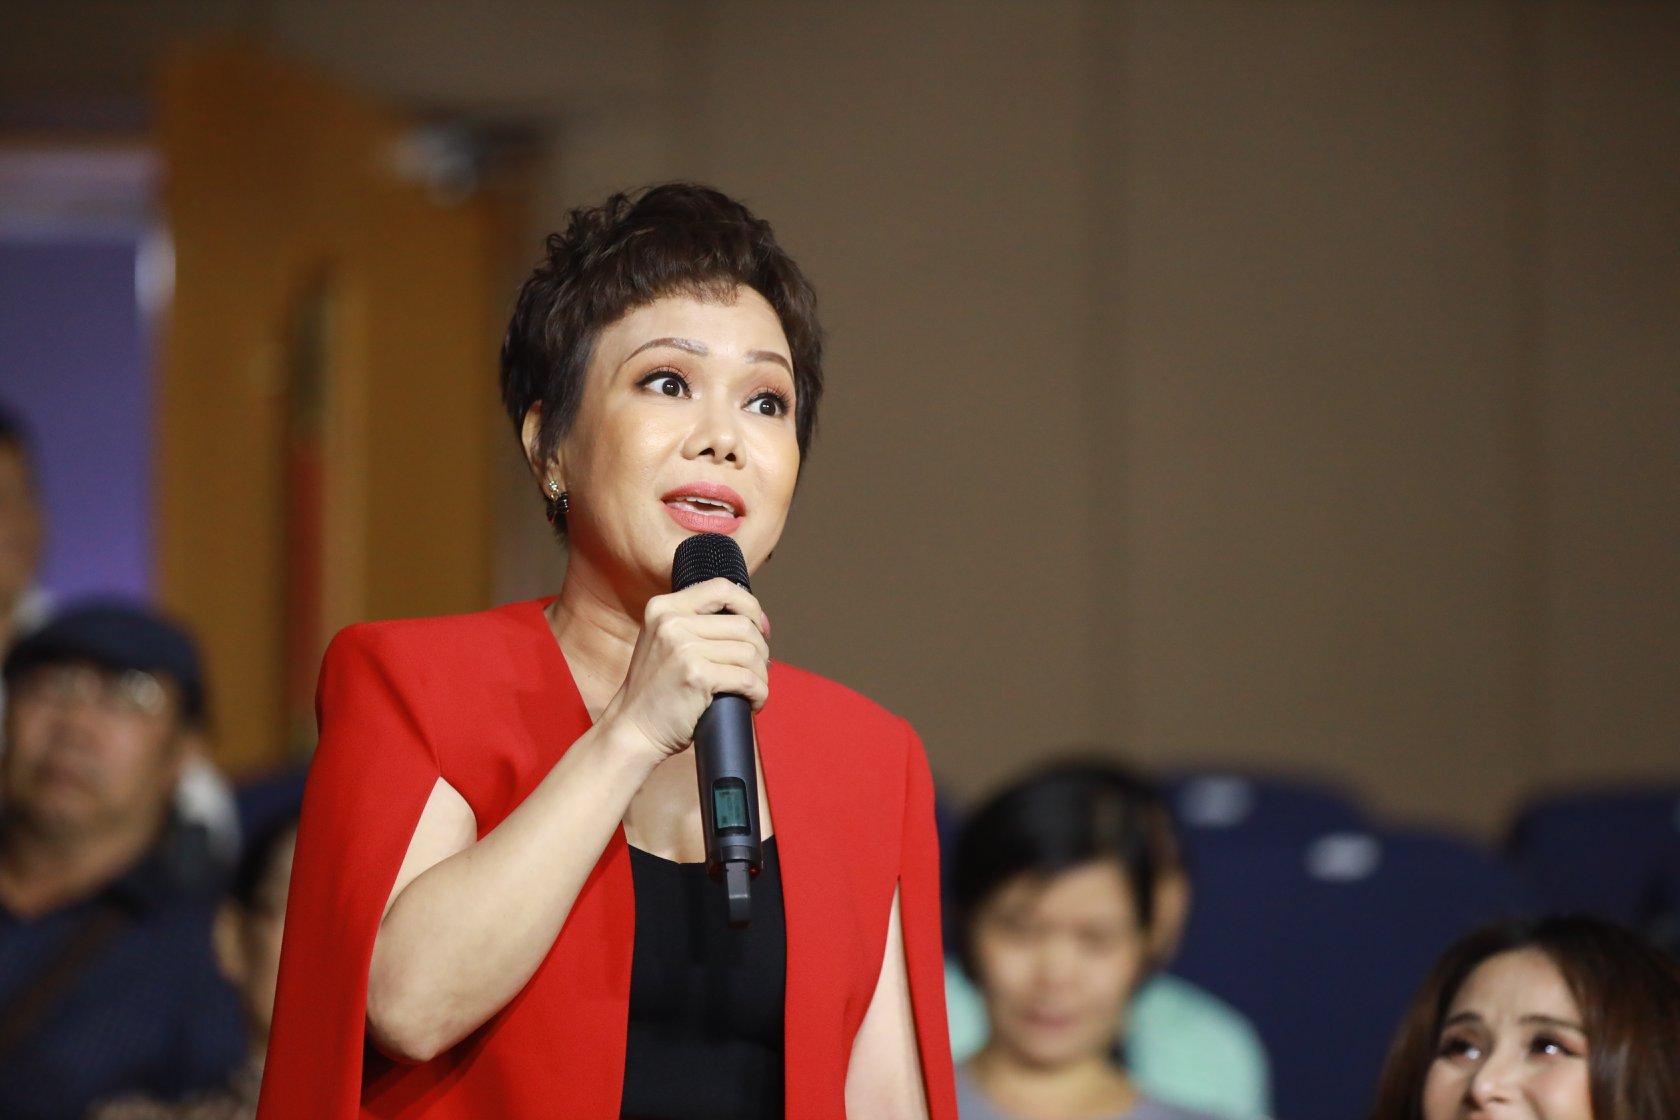 Nghệ sĩ Việt Hương hạnh phúc, Hoàng Mập 'mất ngủ' khi được đề cử Ngôi Sao Xanh 2019 - Ảnh 3